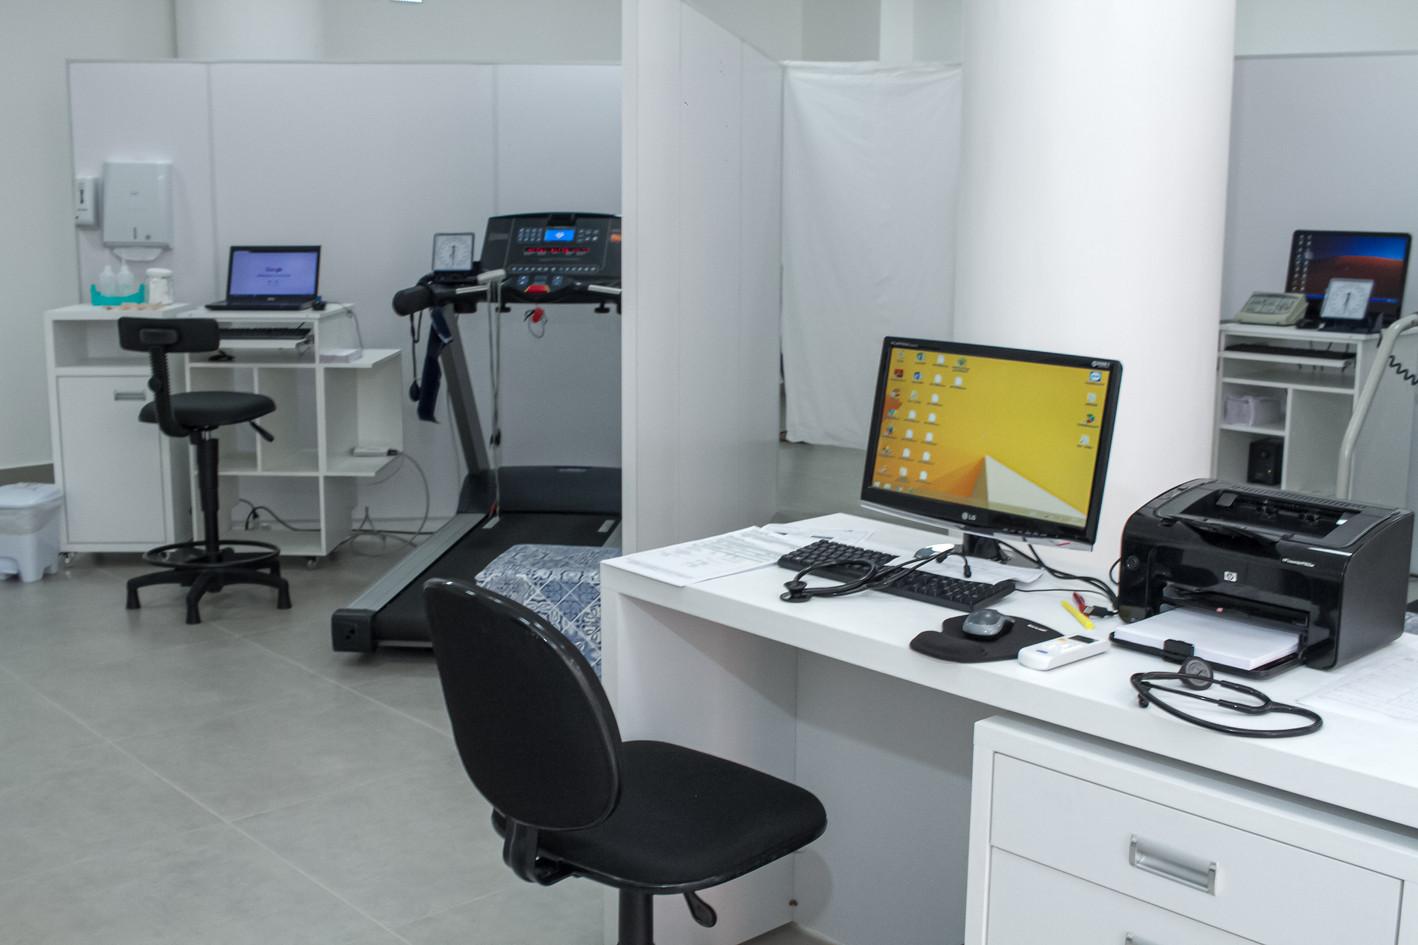 0056-CentroCor-Clinica-15052019-foto-sil